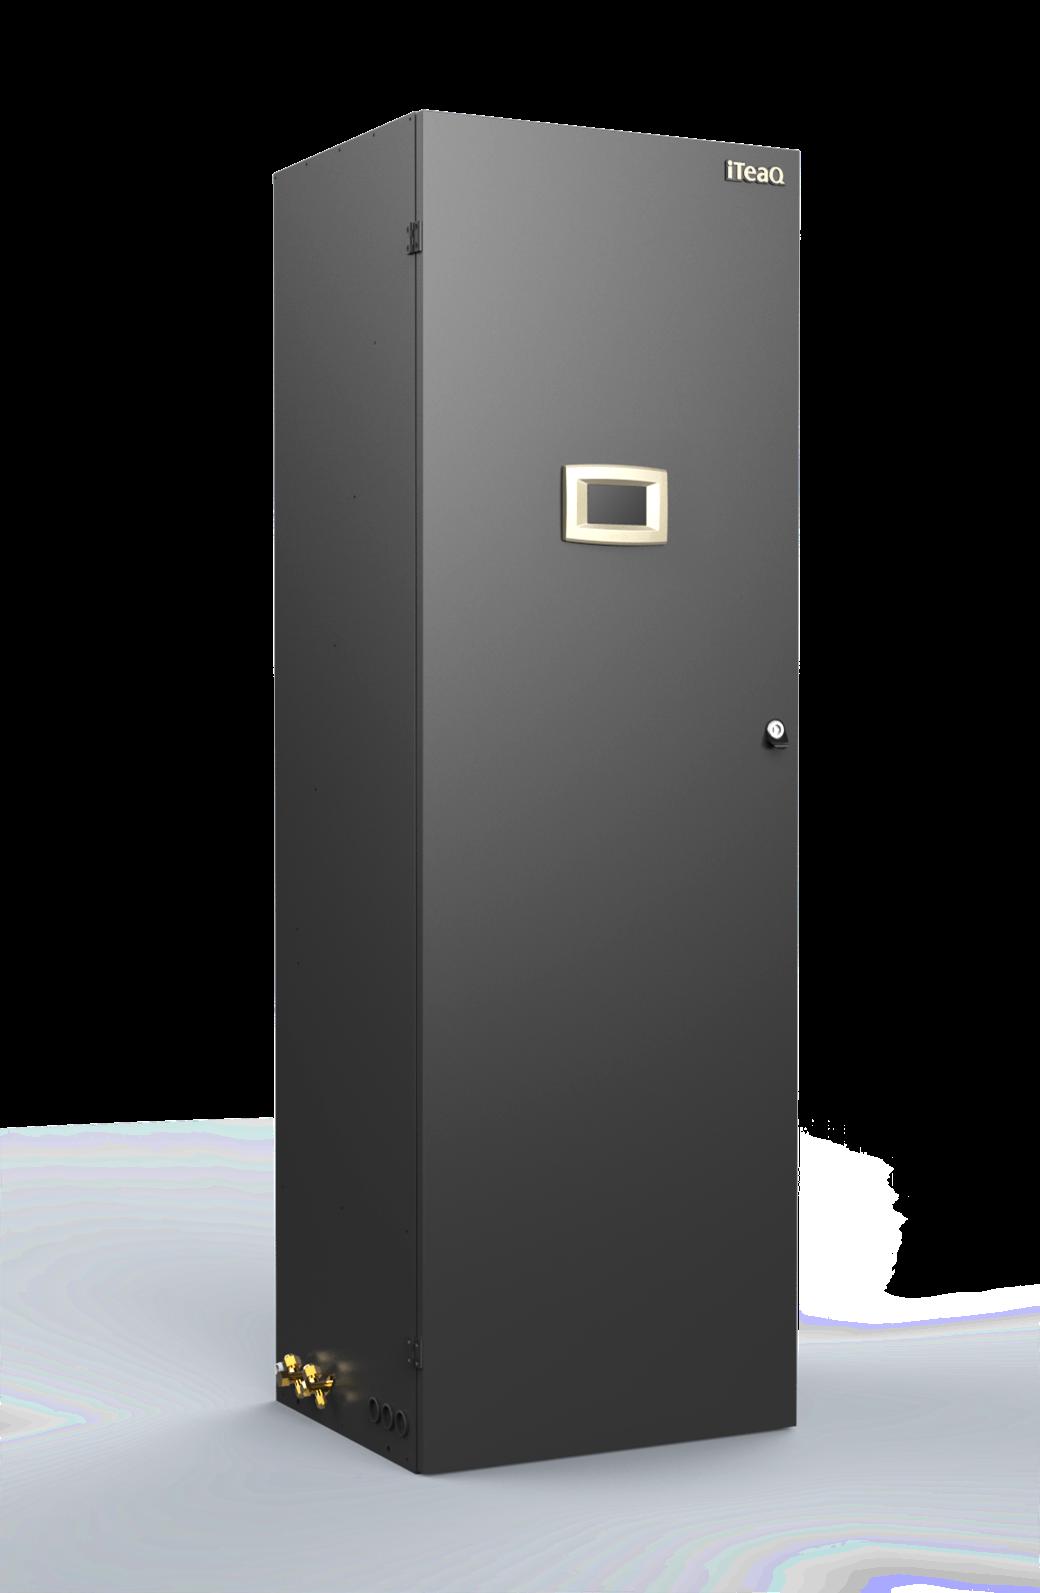 河南锐翼科技有限公司,专业精密空调提供商服务商,专业团队,一站式服务提供商。河南省政采网商城供应商,河南艾特网能总代理,河南iTeaQ总代理,河南索欧网络系统总代理,。